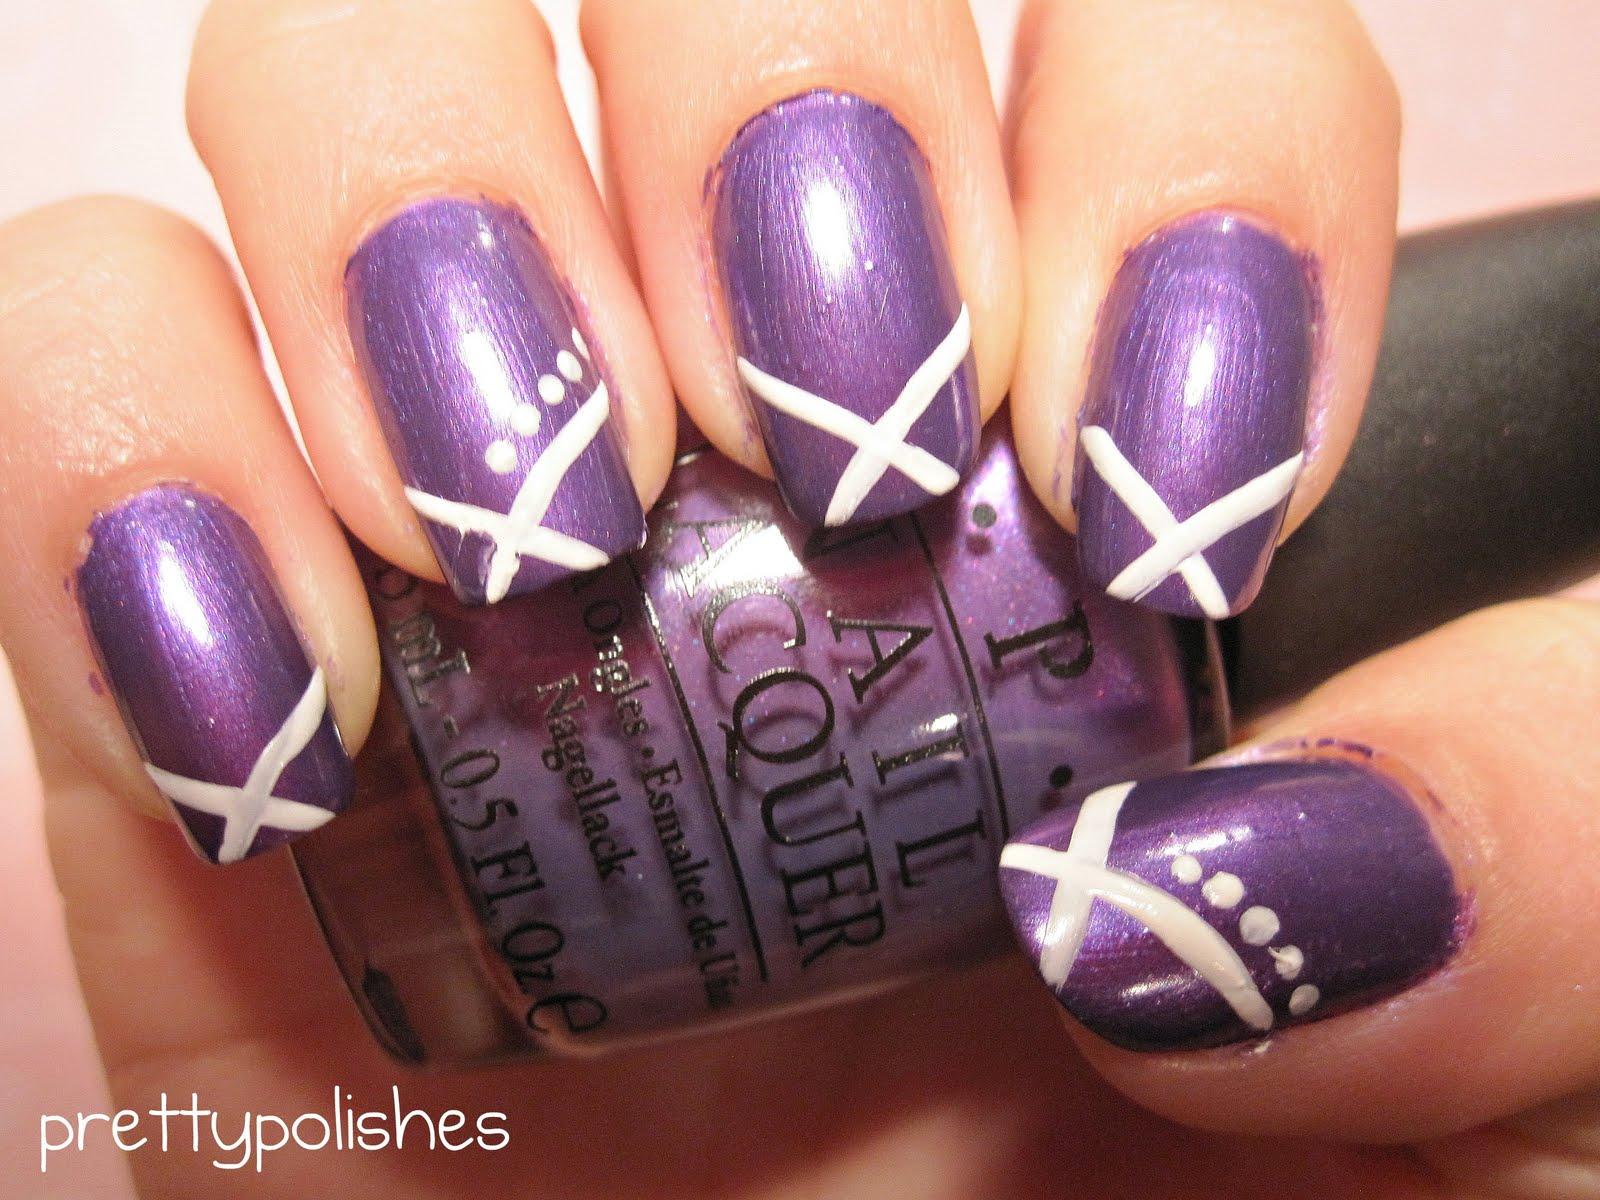 prettypolishes: Simple Purple and White Nail Design